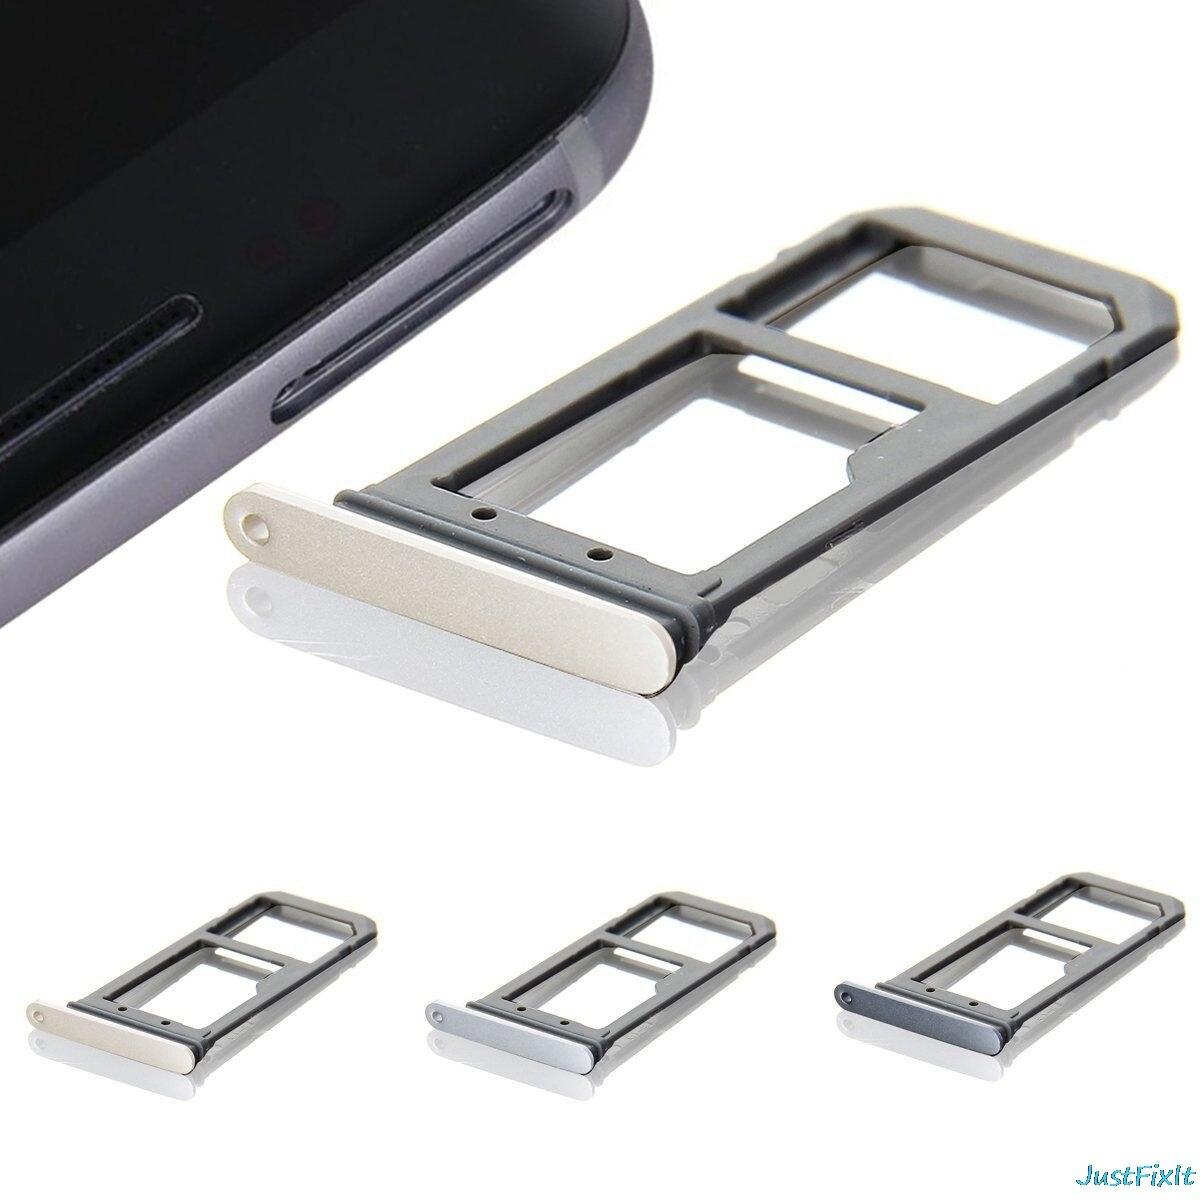 Neue Sim Karte.Neue Sim Karten Behalter Slot Halter Fur Samsung Galaxy S7 Rand G935f G935a Ersatz Fall Reparatur